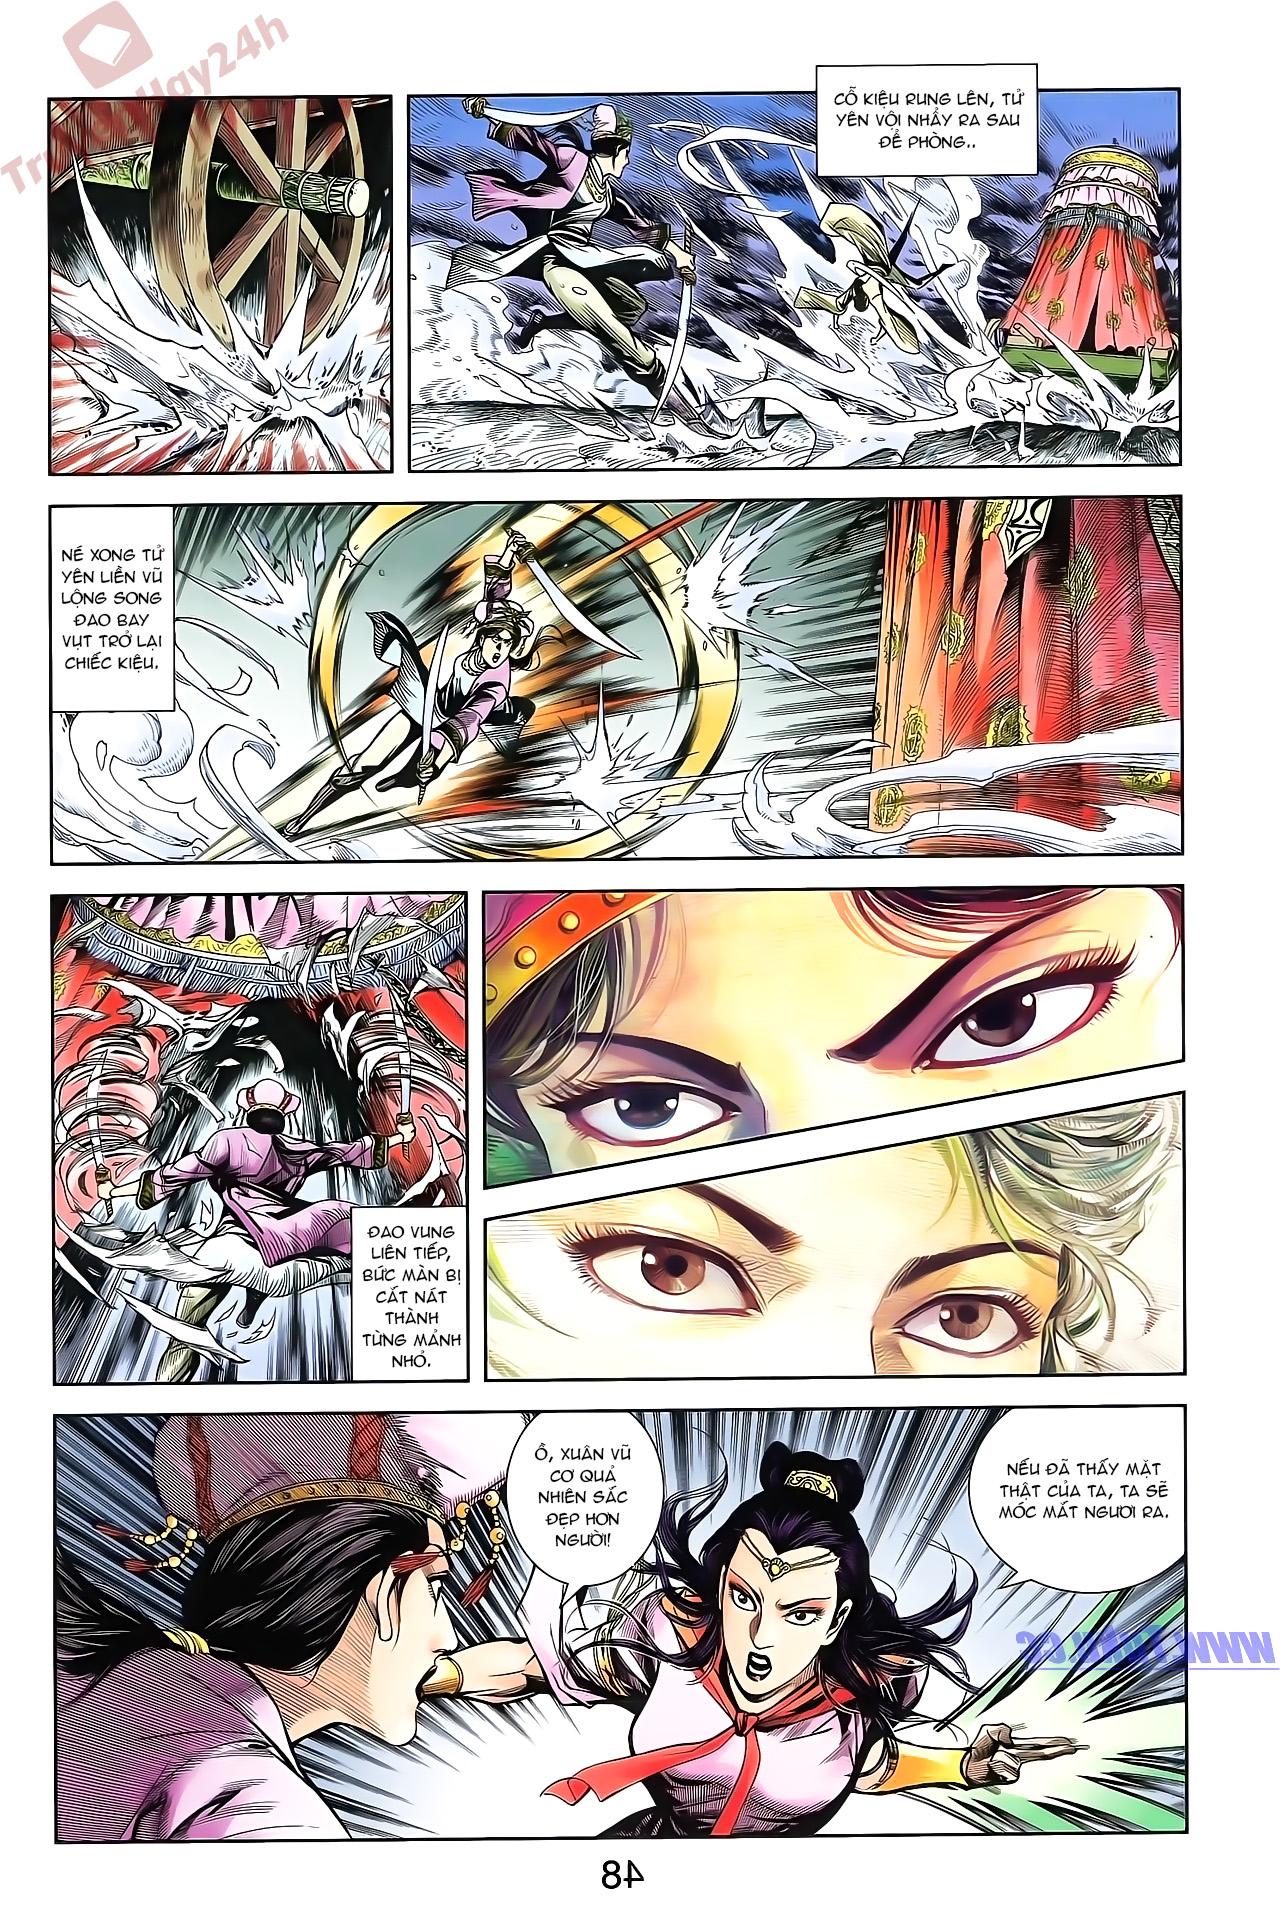 Tần Vương Doanh Chính chapter 51 trang 15